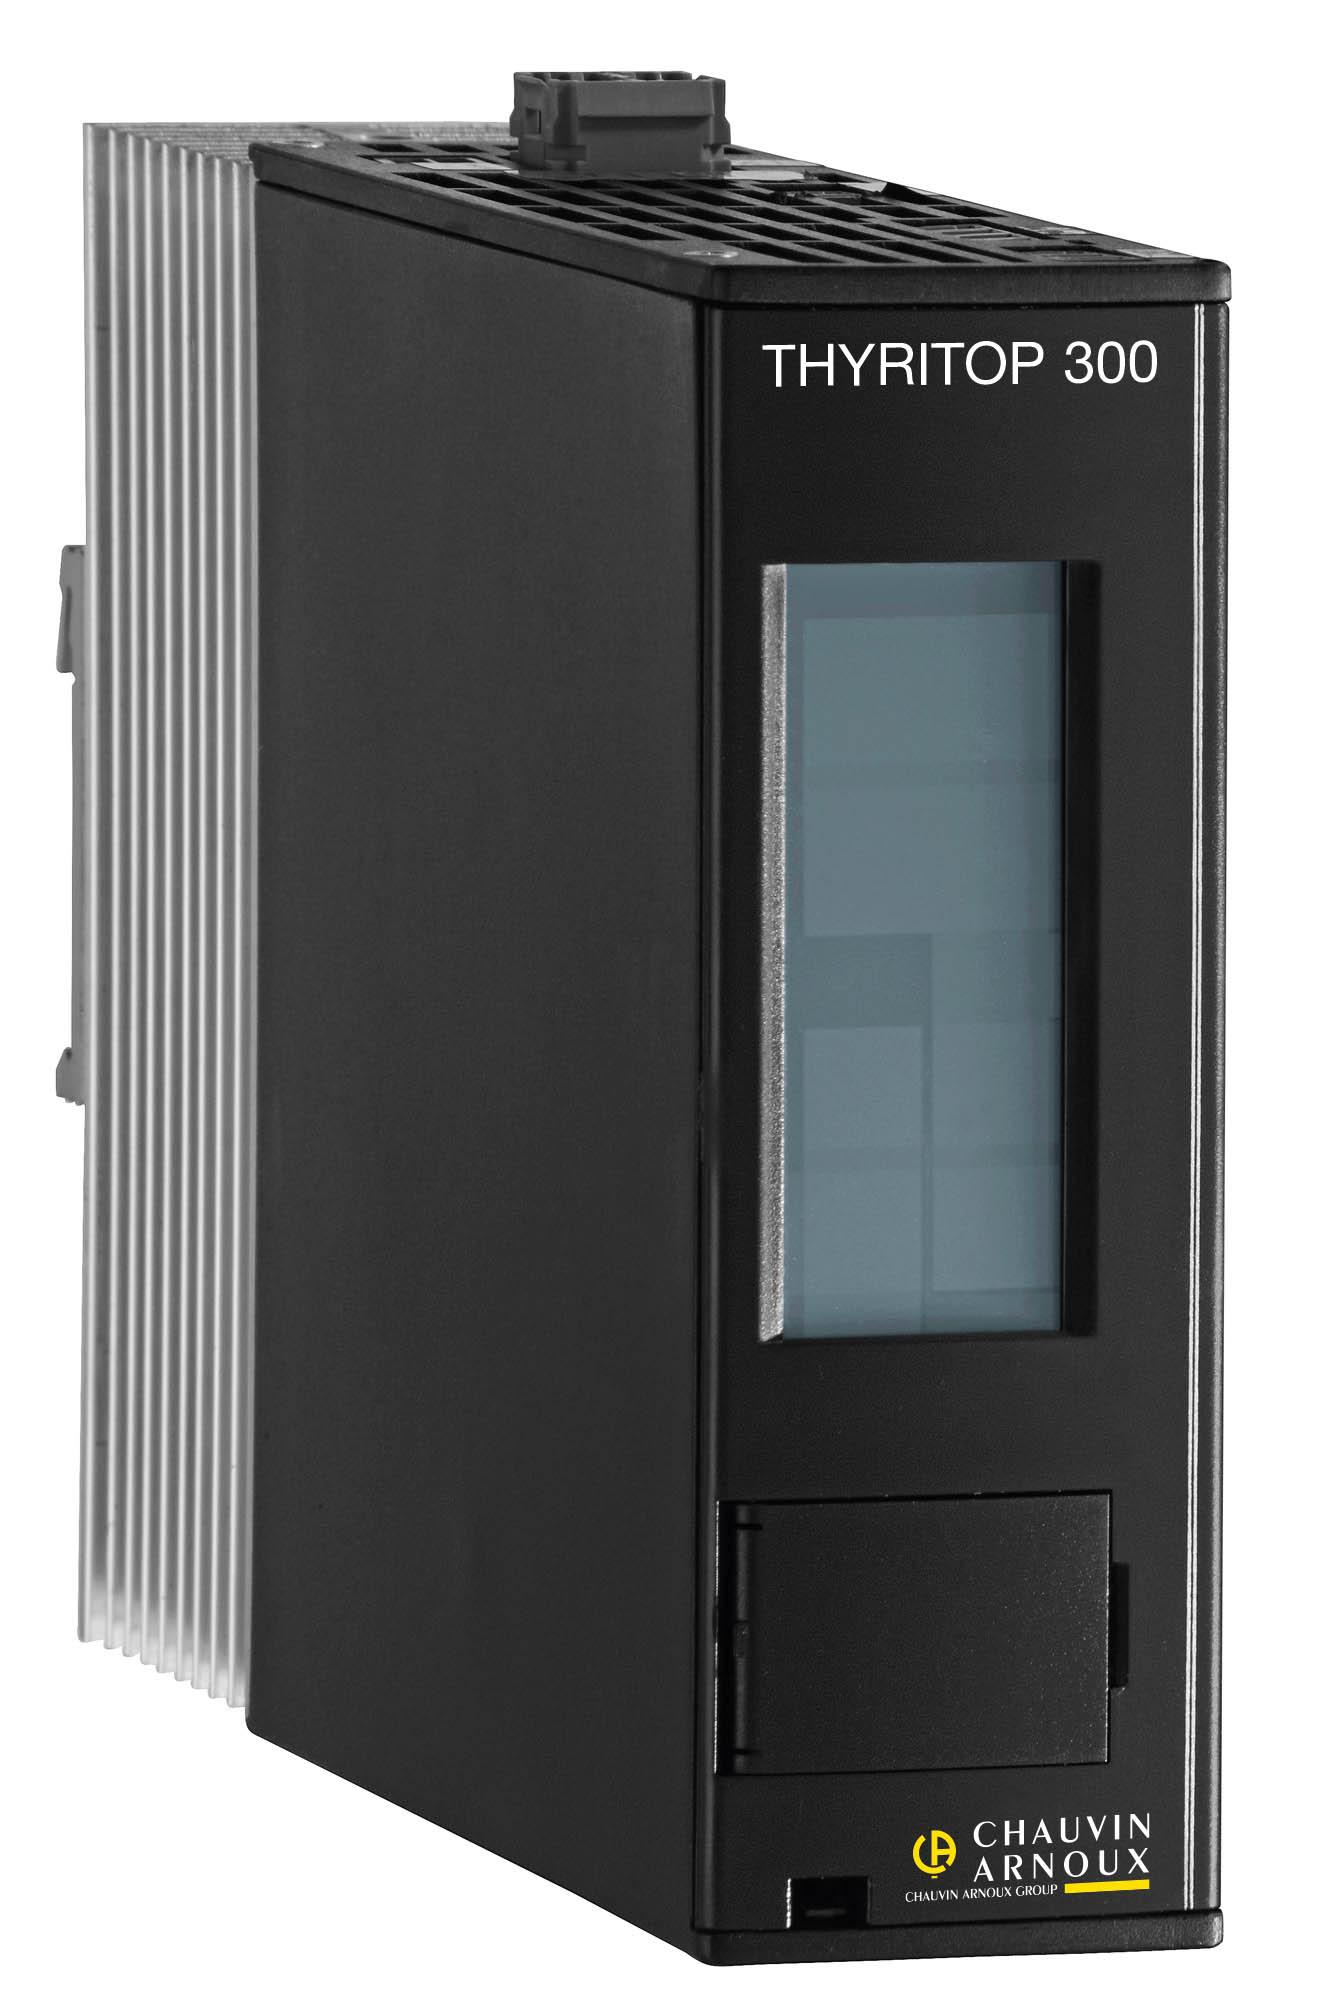 CHAUVIN ARNOUX GROUP - THYRITOP 300 – Régulateurs de puissance de 16 A … 1 500 A - PYROCONTROLE